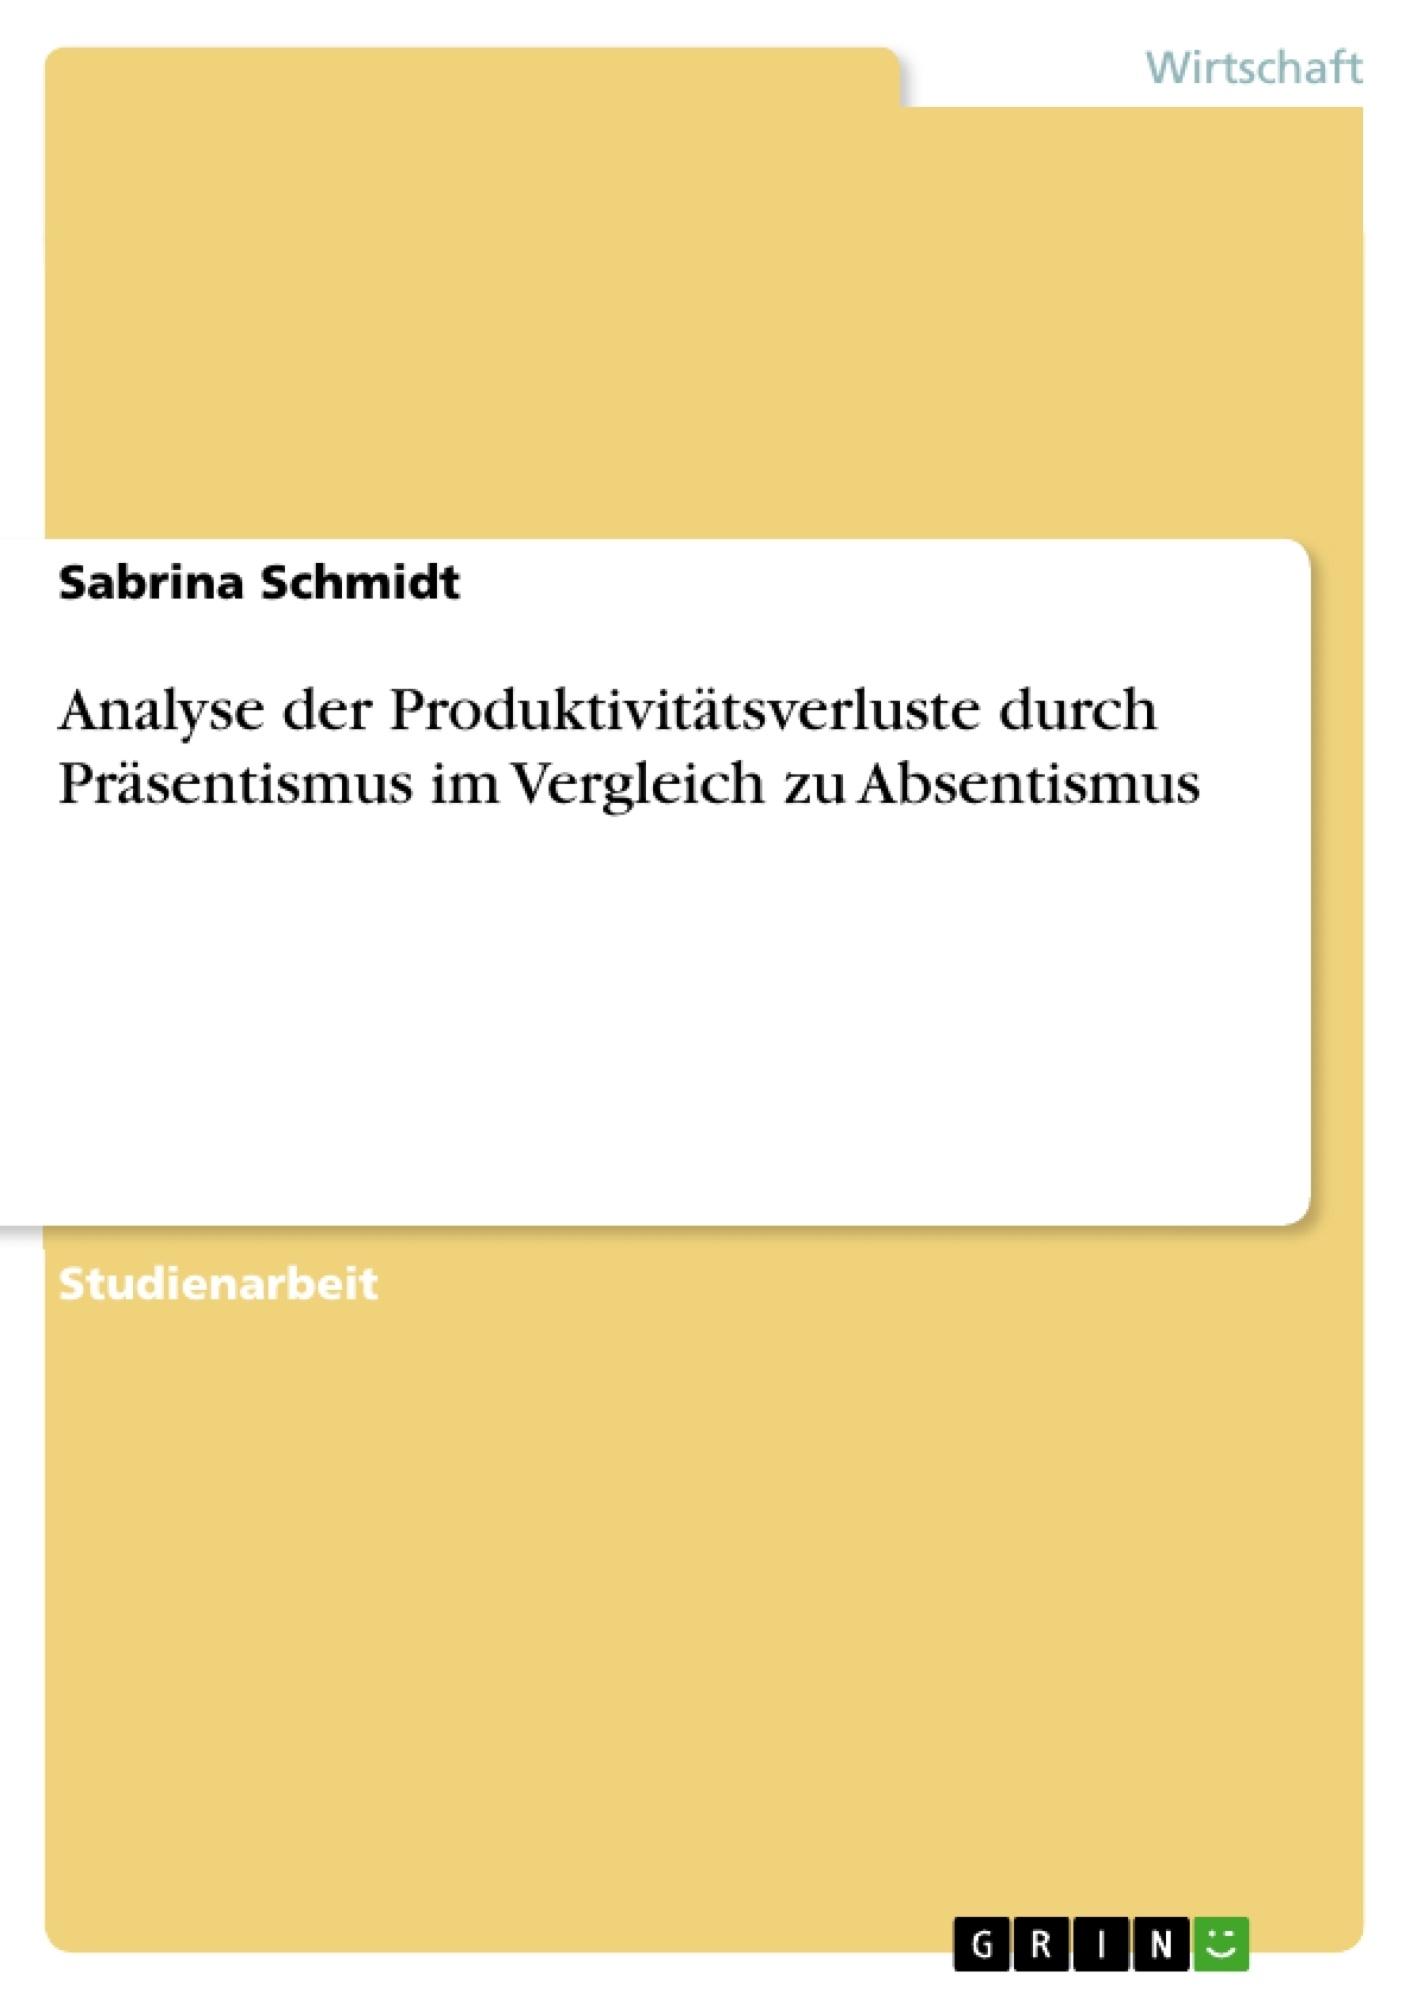 Titel: Analyse der Produktivitätsverluste durch Präsentismus im Vergleich zu Absentismus